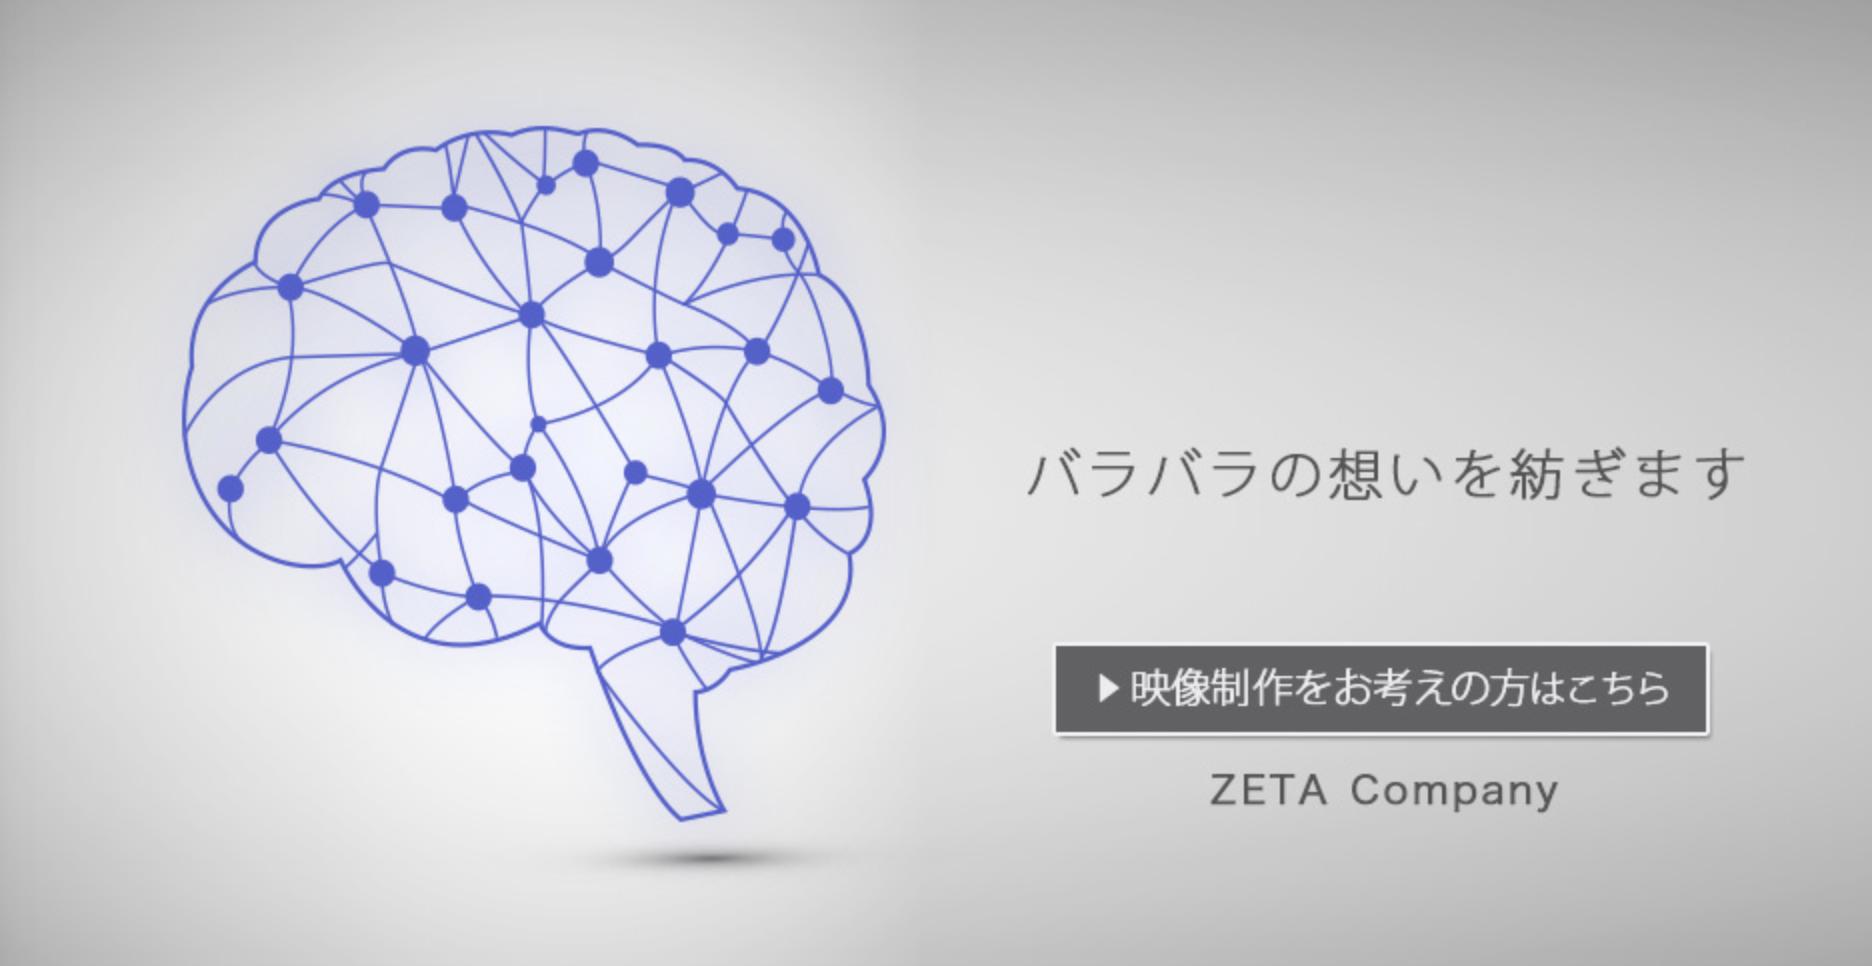 株式会社ゼータ・カンパニー